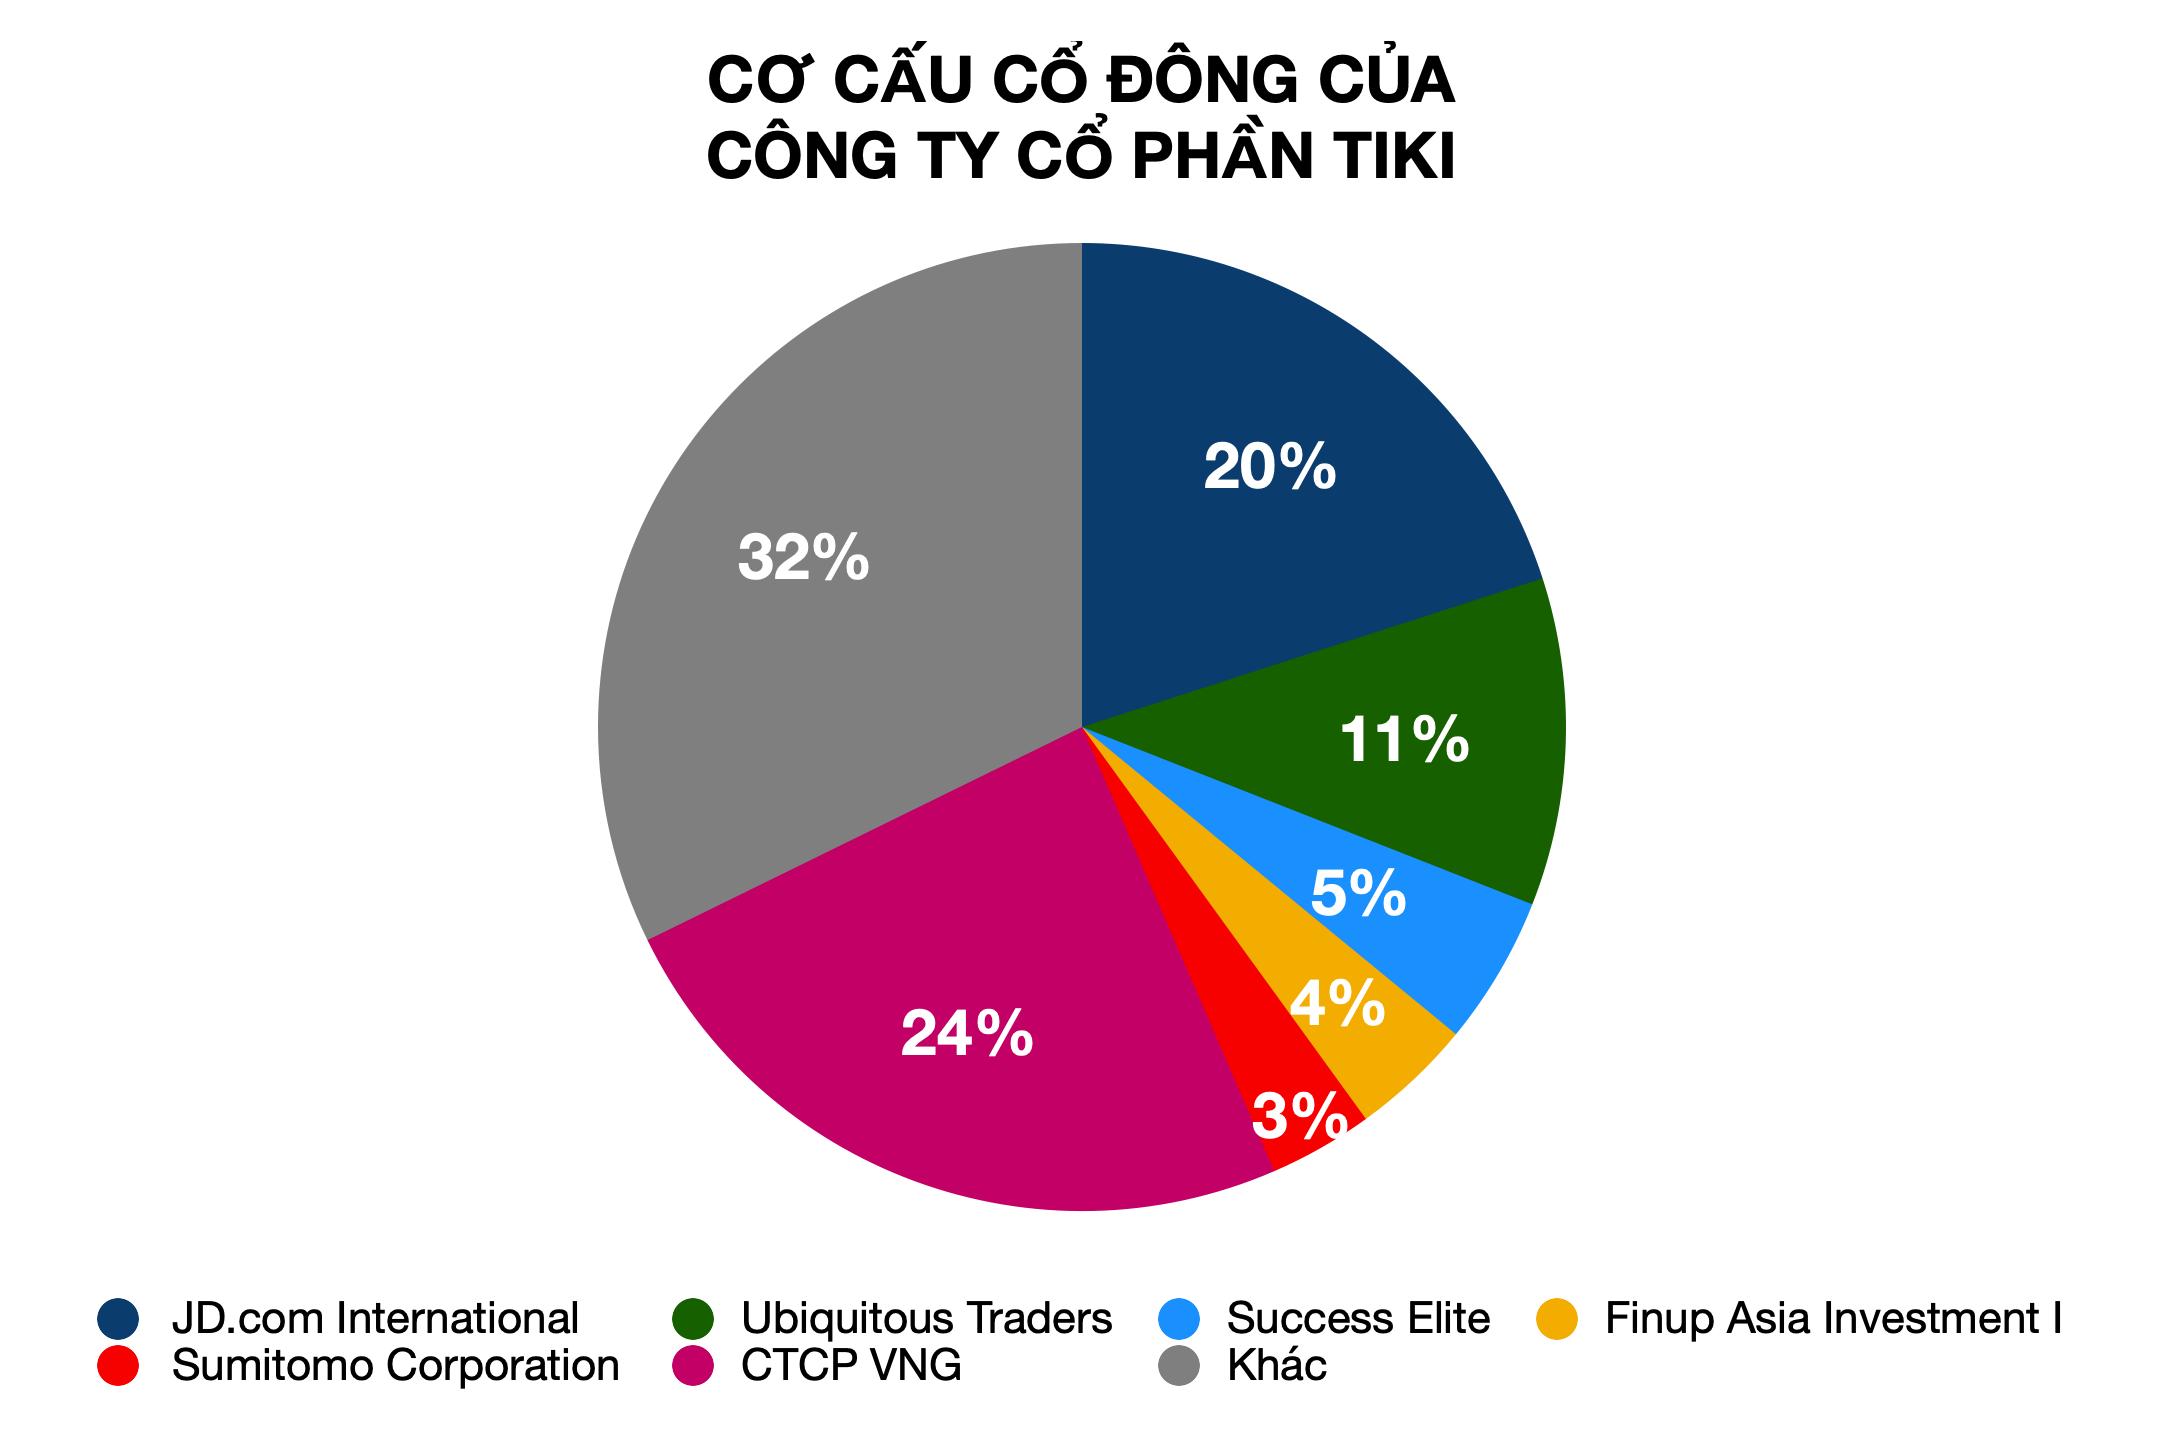 Vốn ngoại chiếm hơn 50% Tiki và 65% Sen Đỏ, liệu đây còn là sàn thương mại điện tử của Việt Nam? - Ảnh 2.